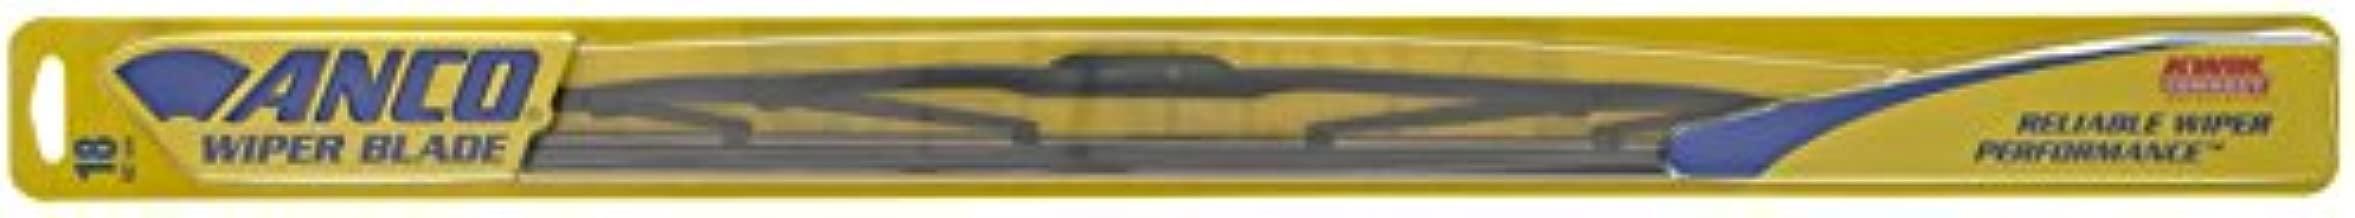 ANCO 31 Series 31-18 Wiper Blade - 18